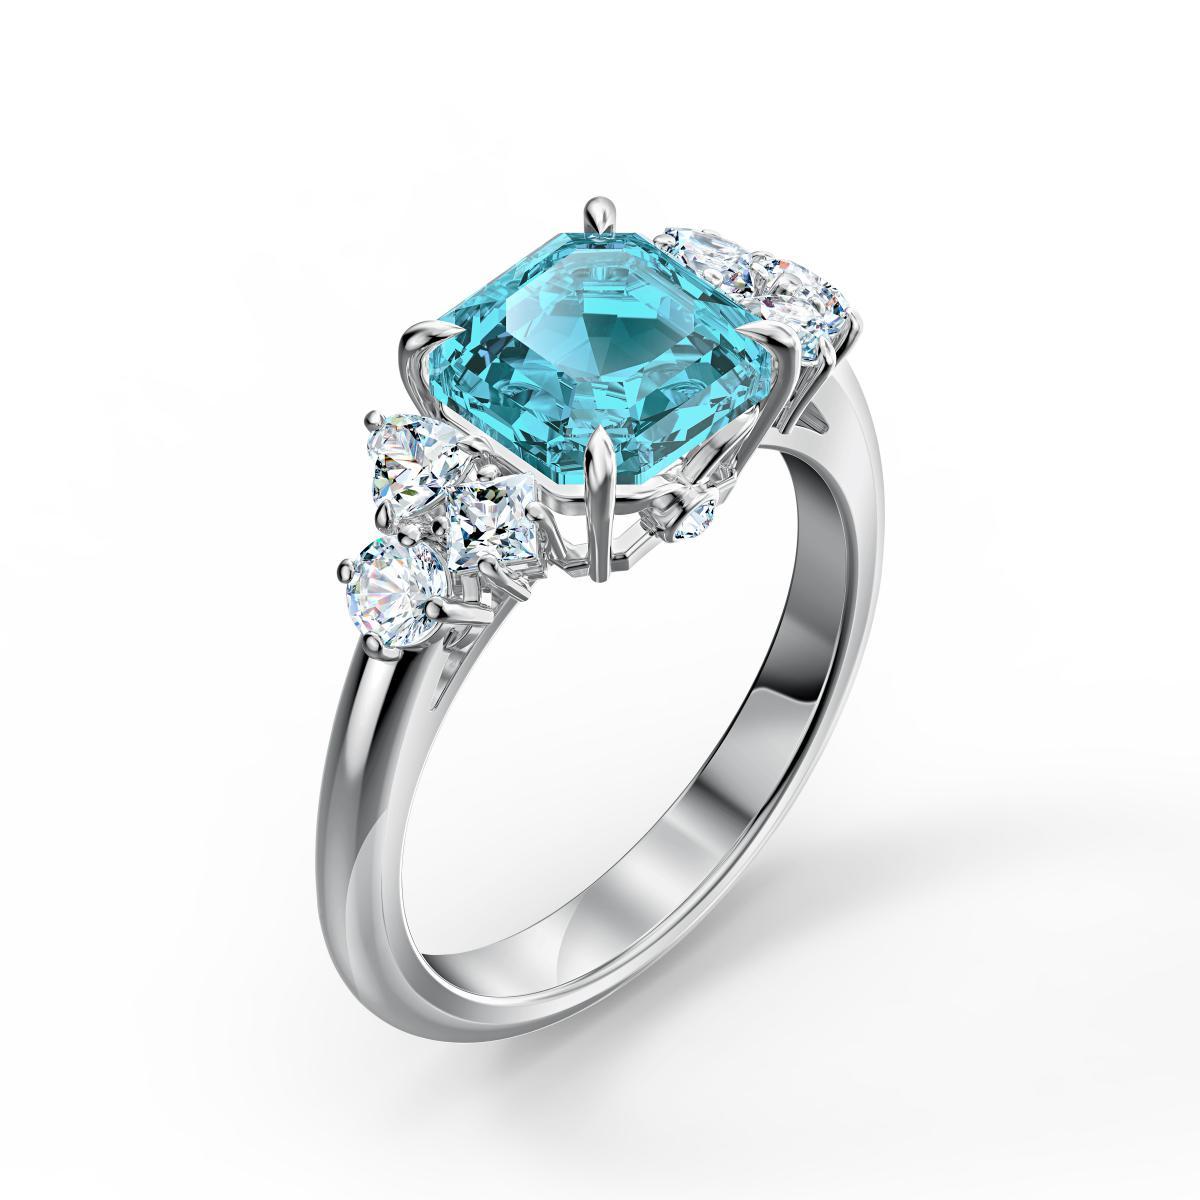 BAGUE Swarovski 5535592 - Bague métal argenté brillant perle bleue Femme